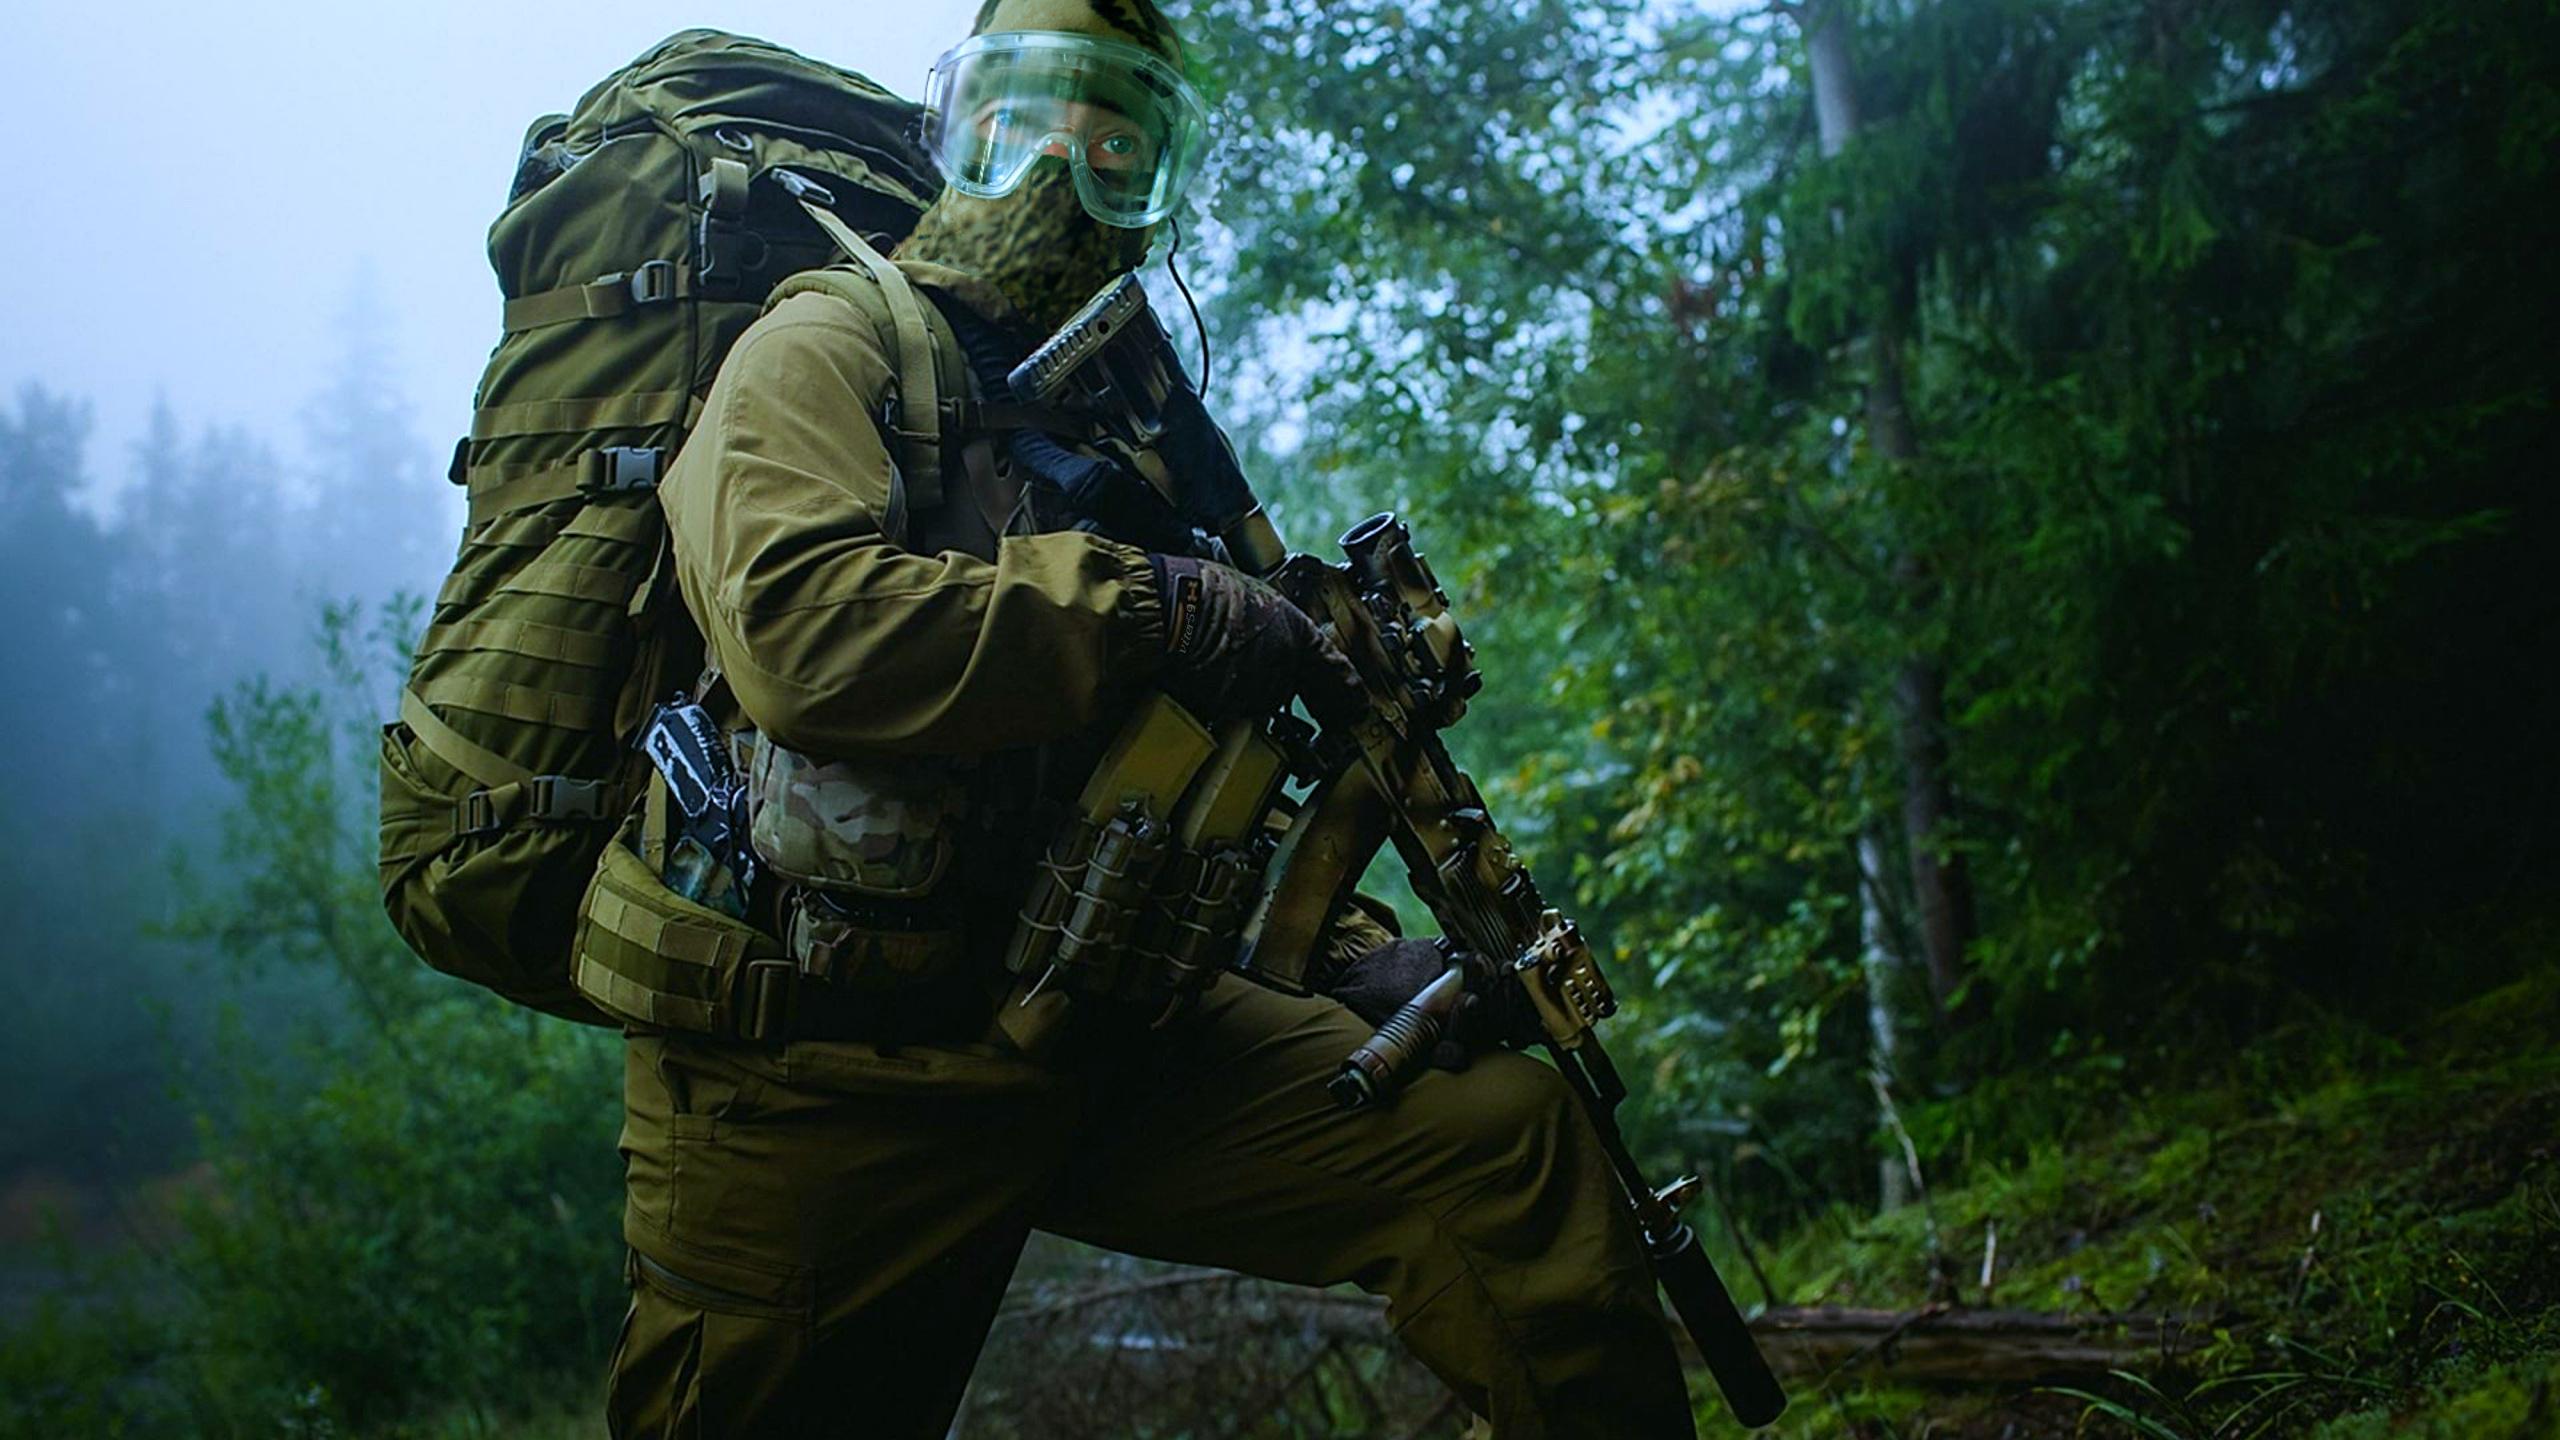 воин, задание, экипировка